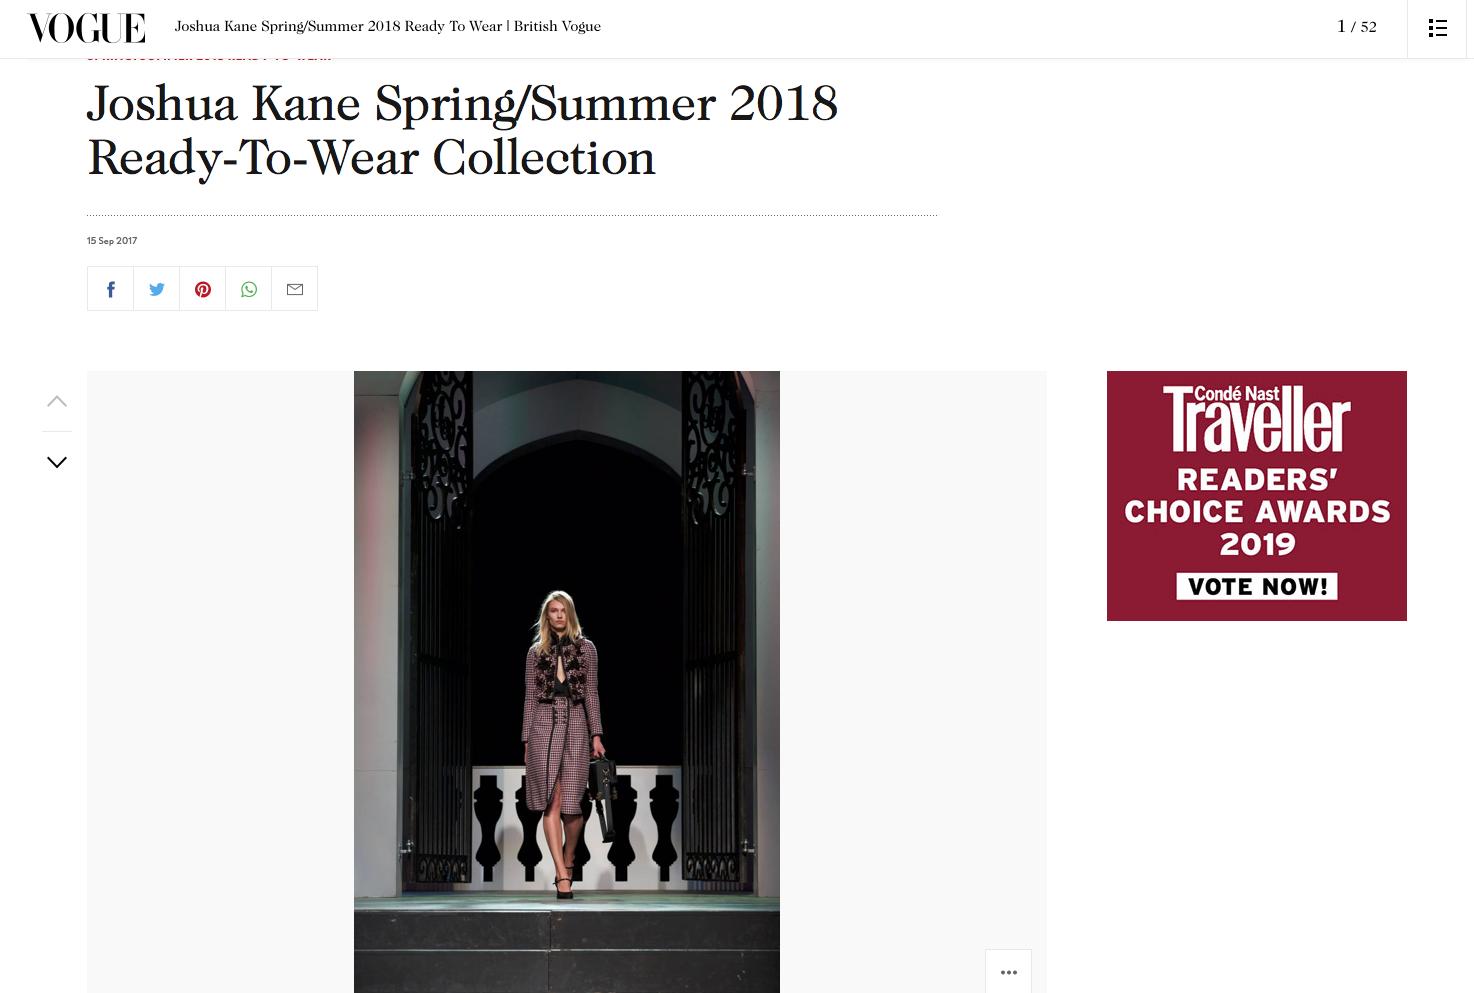 Joshua Kane Spring Summer 2018 Vogue